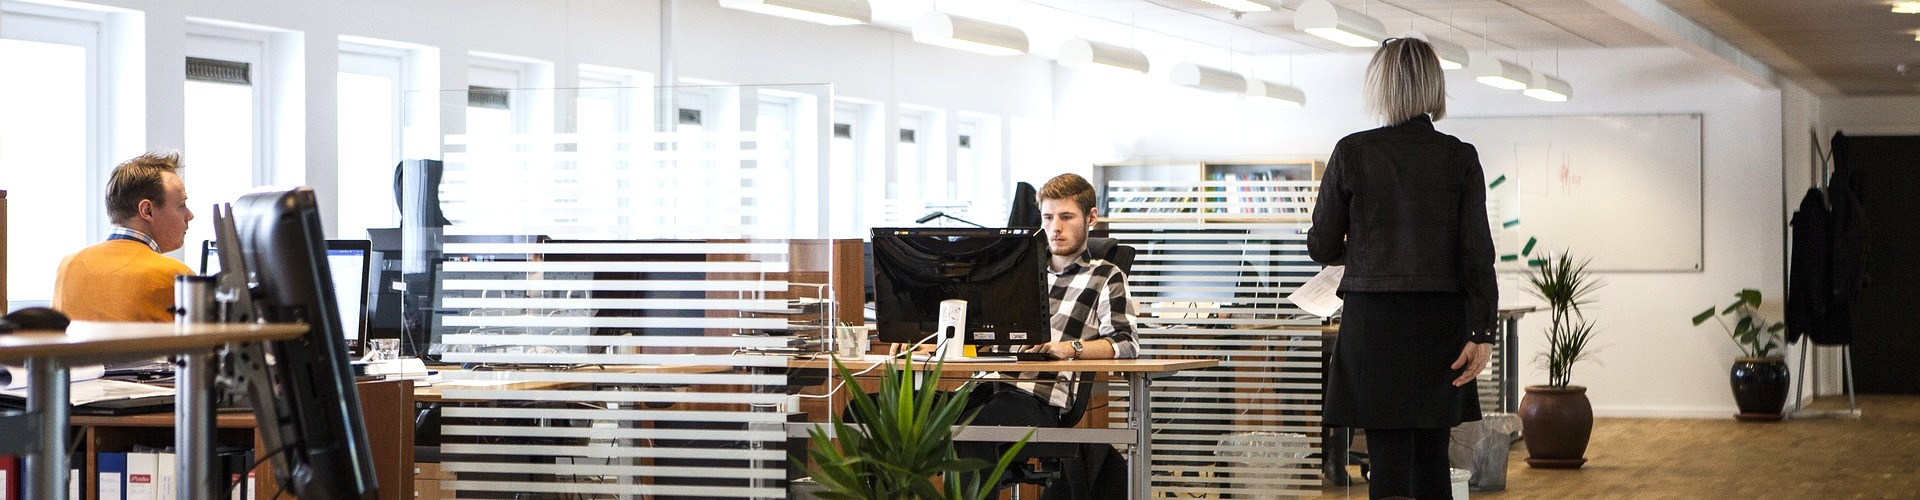 Arbeta utomlands: Undkomma kontoret